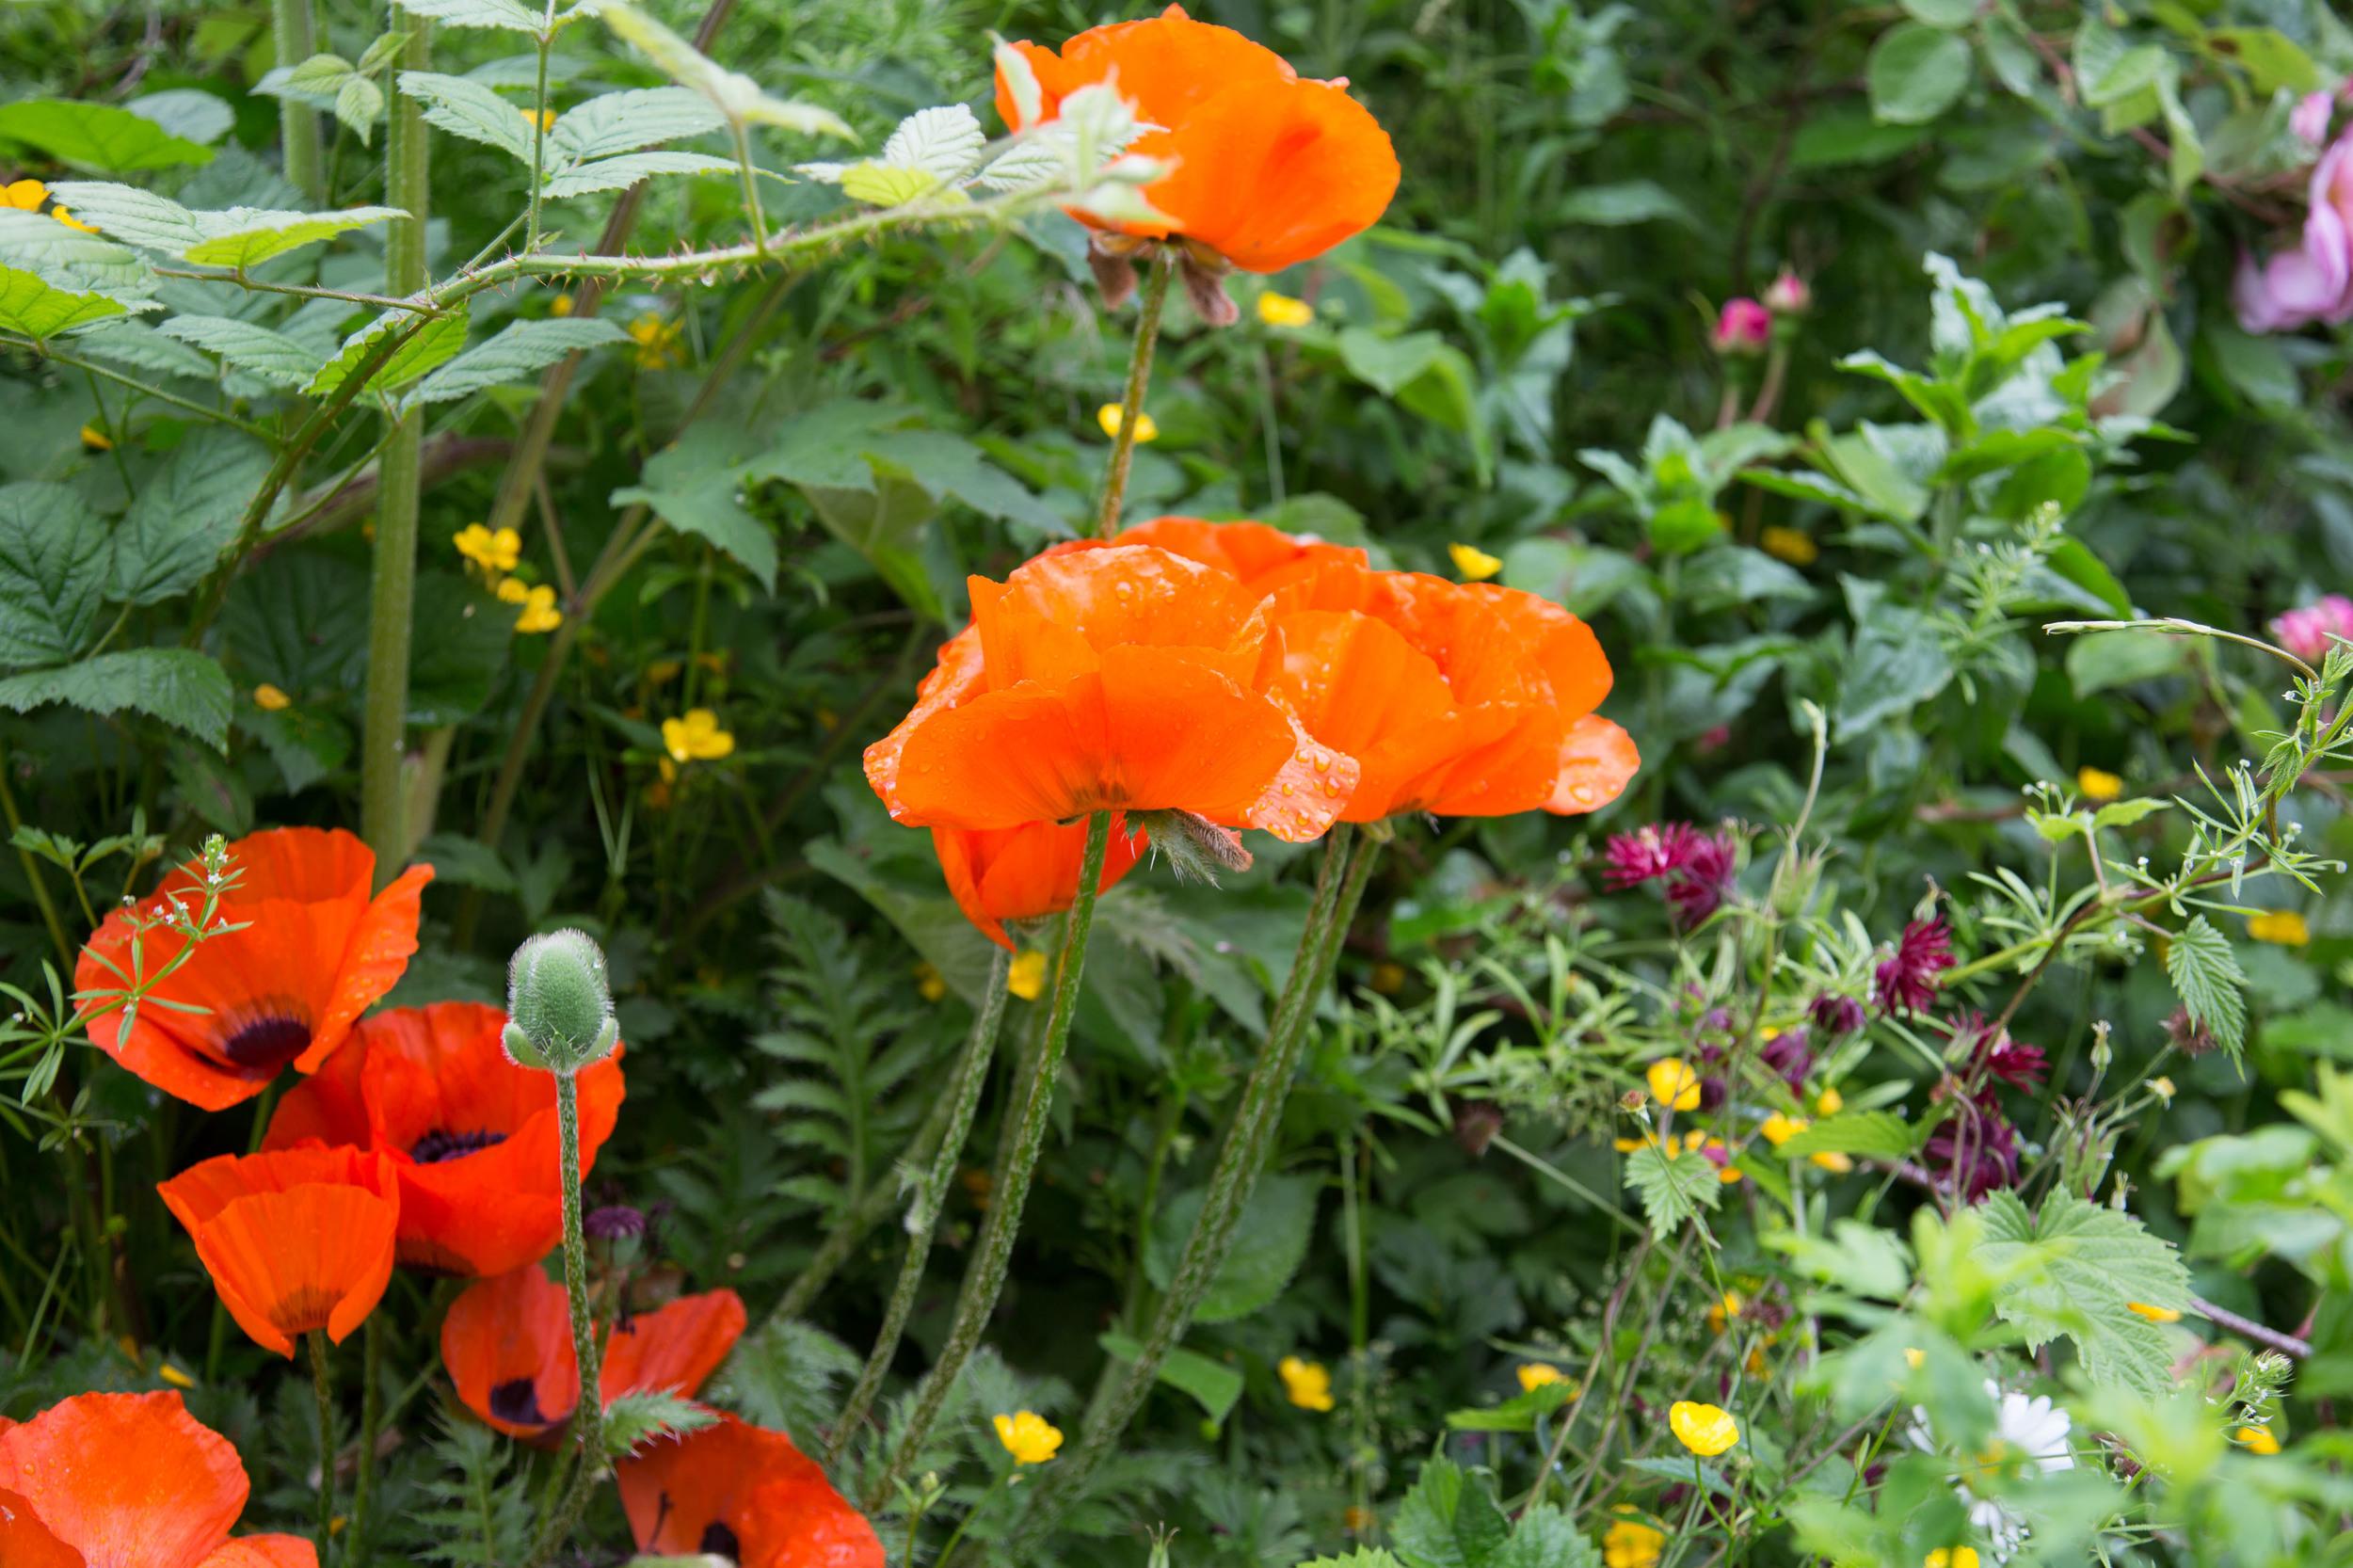 Iden croft garden Juni 2013